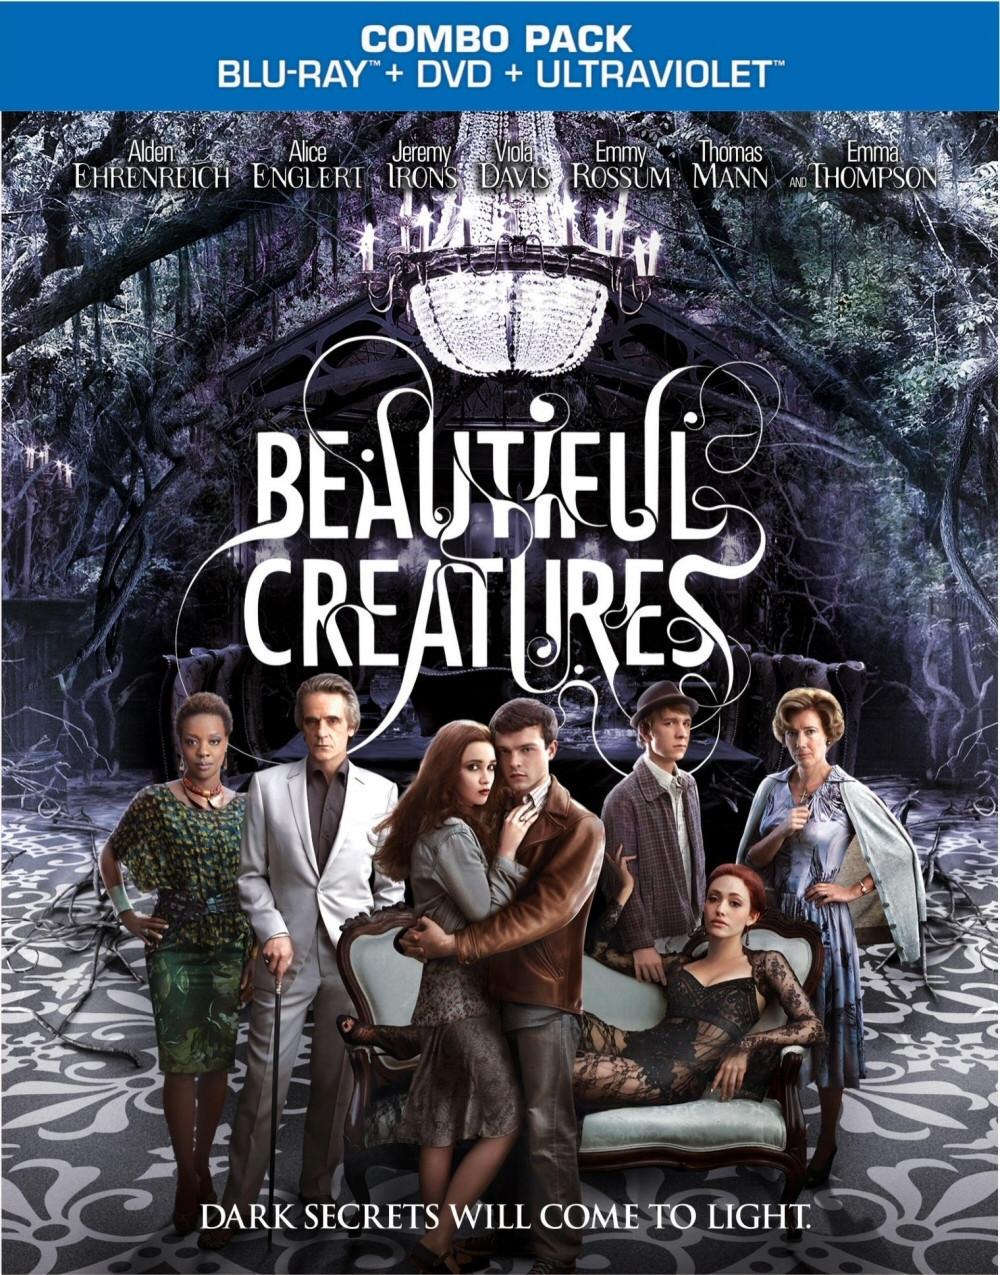 Beautiful+Creatures+2013+BluRay+720p+HNMOVIES